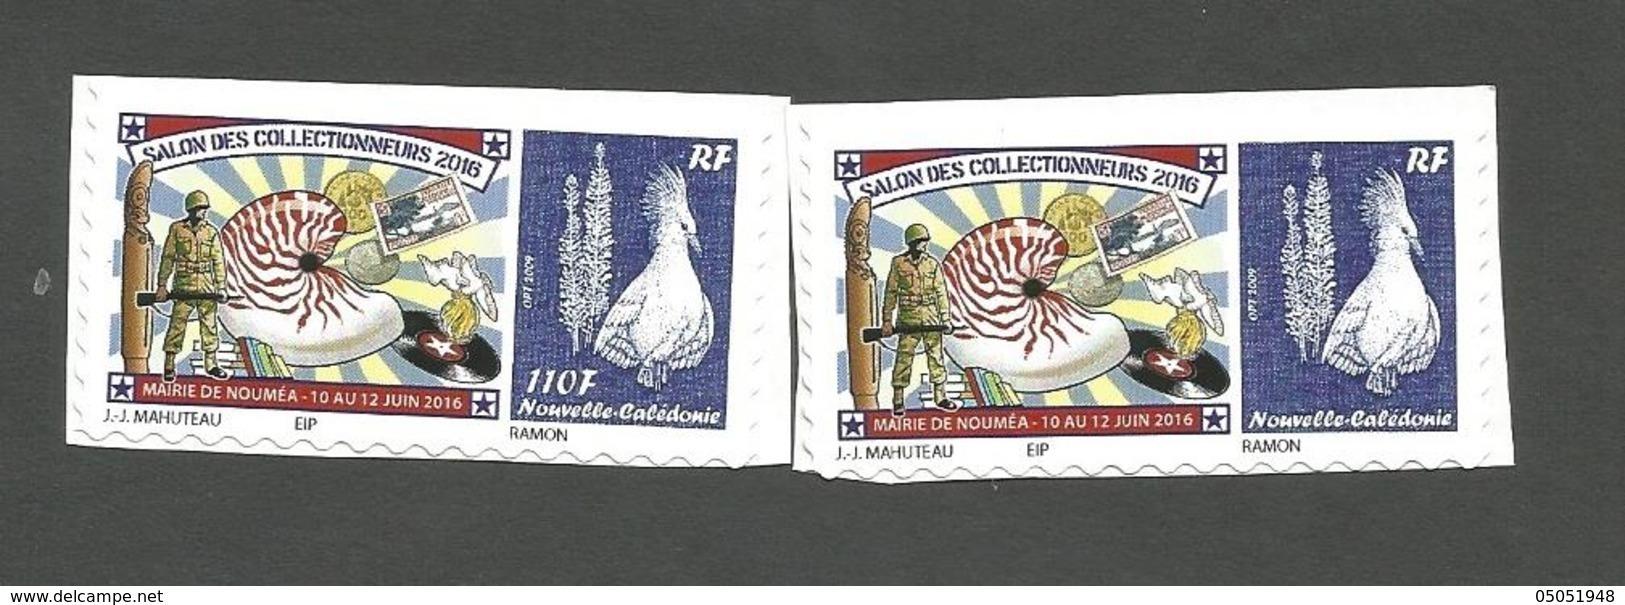 Variété  110f   Avec Le Normal    Salon Des Collectionneurs     (pag8G) - Nueva Caledonia